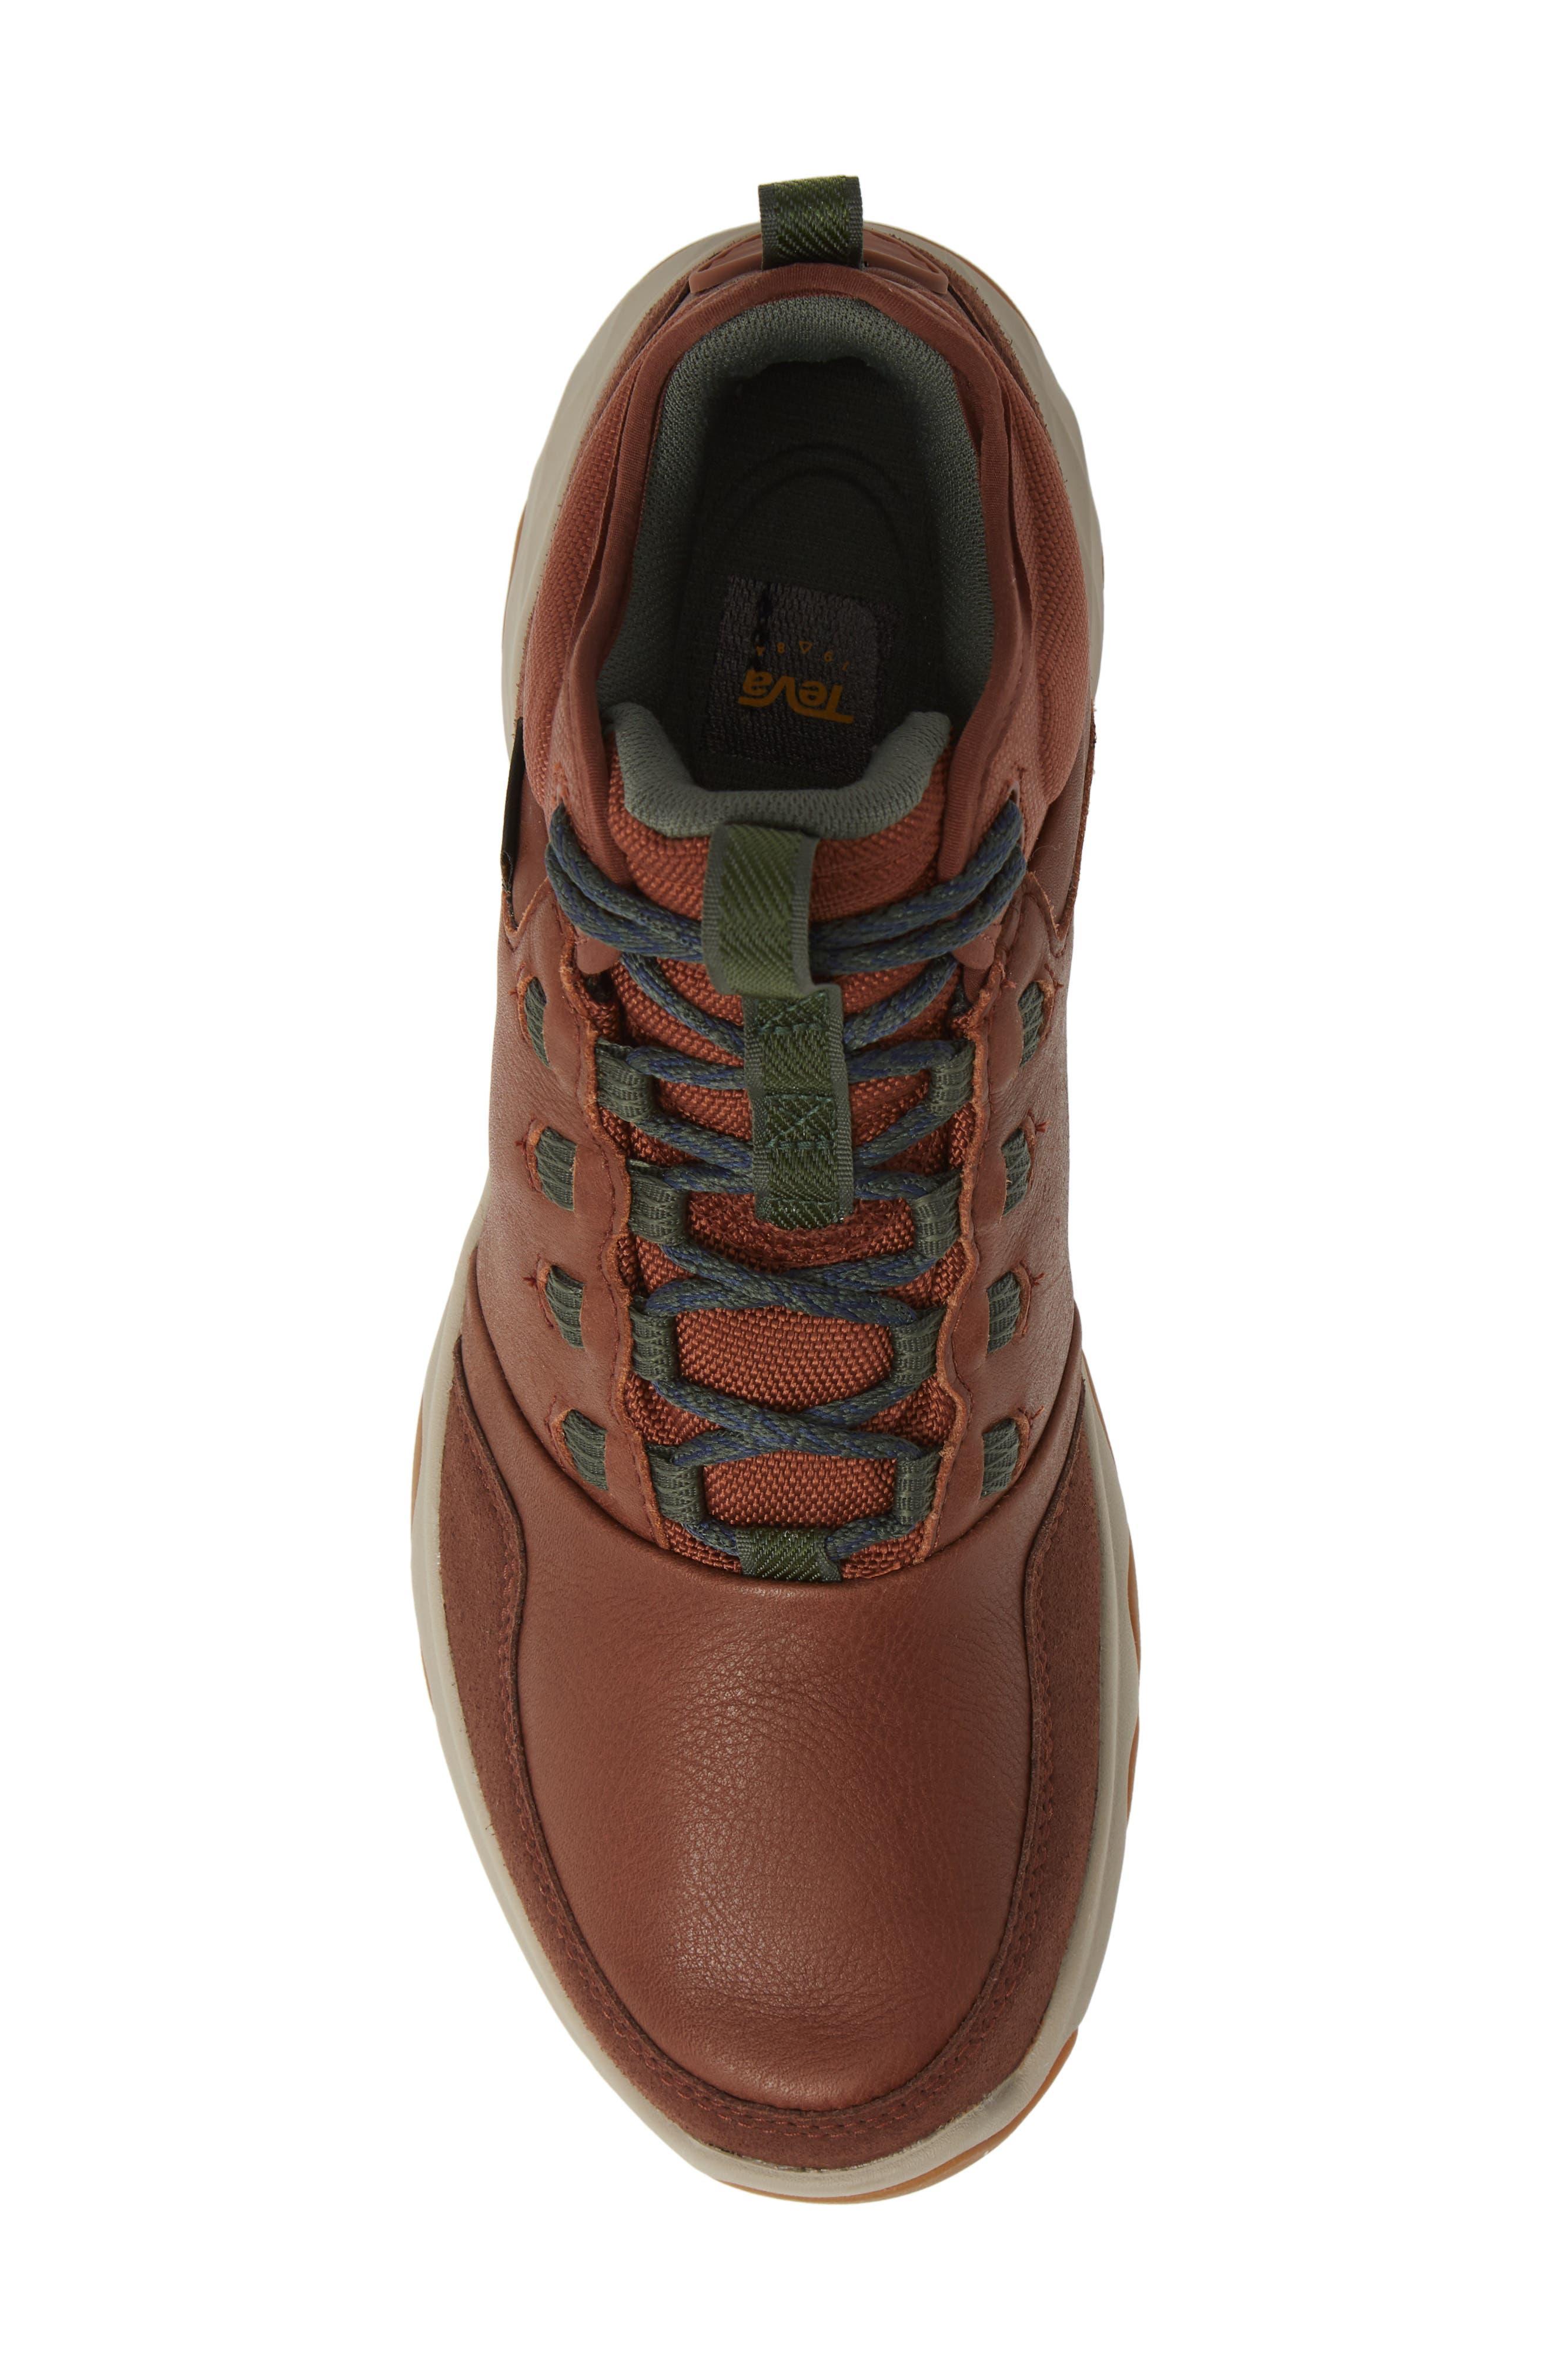 Arrowood 2 Mid Waterproof Sneaker Boot,                             Alternate thumbnail 5, color,                             242